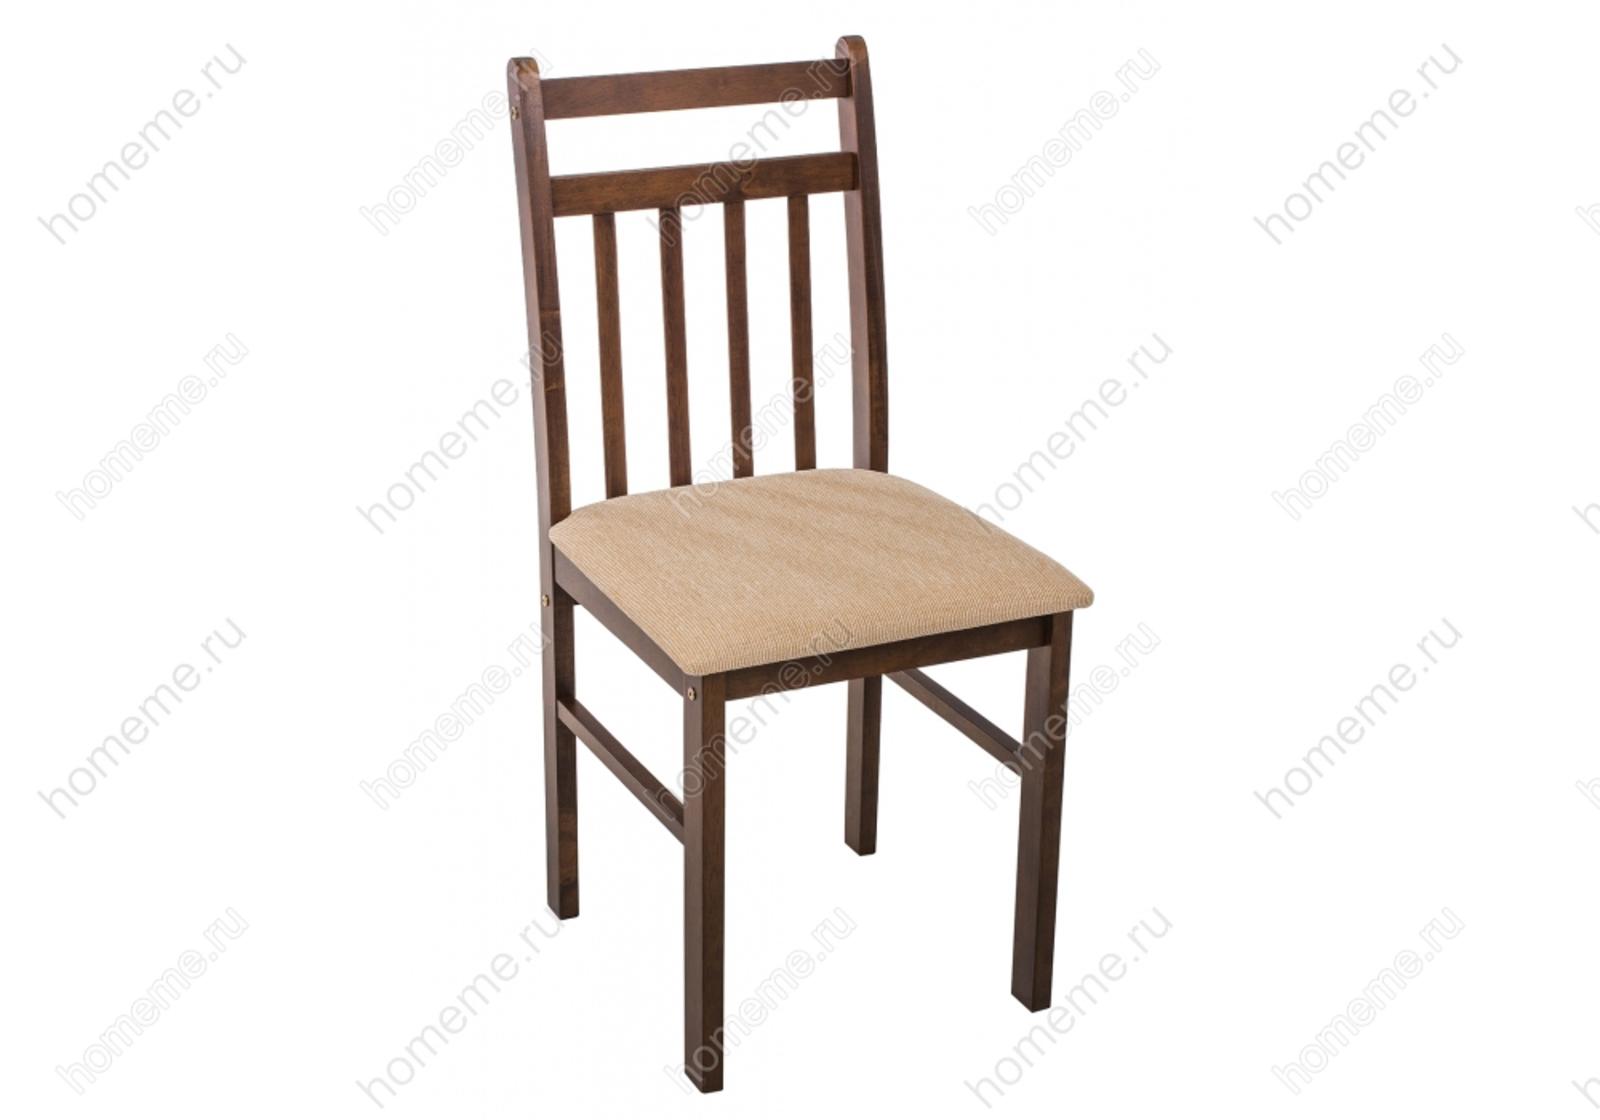 Обеденная группа Ludon стол и 4 стула, коричневый/бежевый (1848)